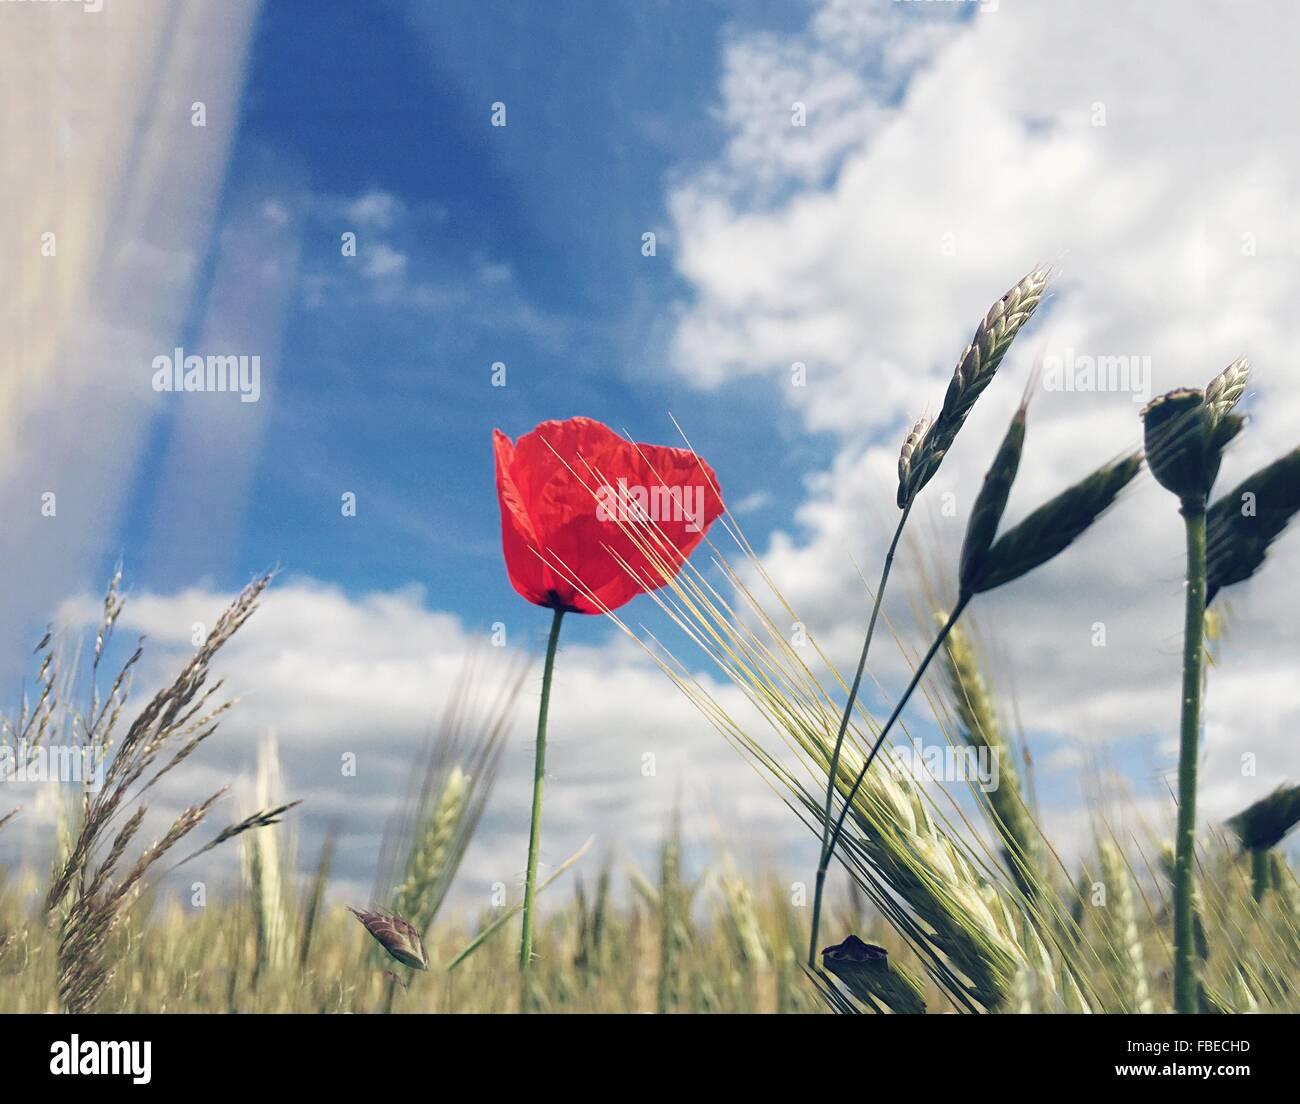 Les plants de blé et de fleurs de fleur rouge contre Ciel nuageux Banque D'Images